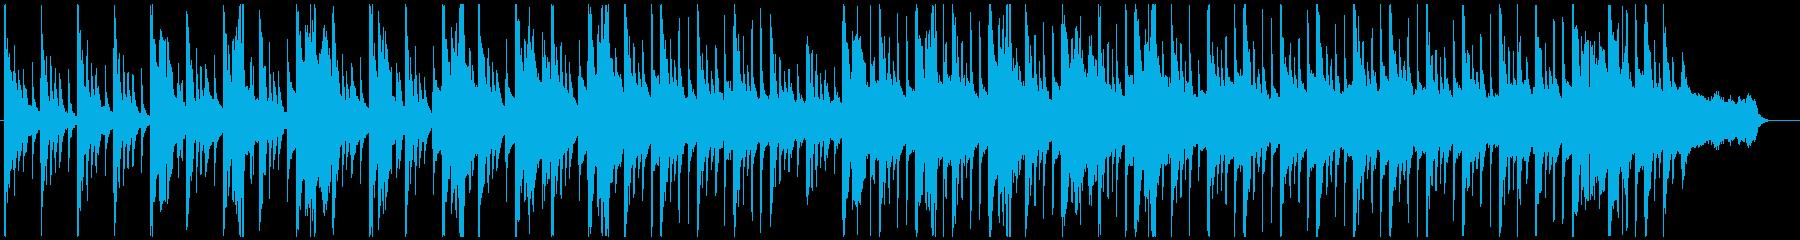 アイヌの歌を使った曲の再生済みの波形